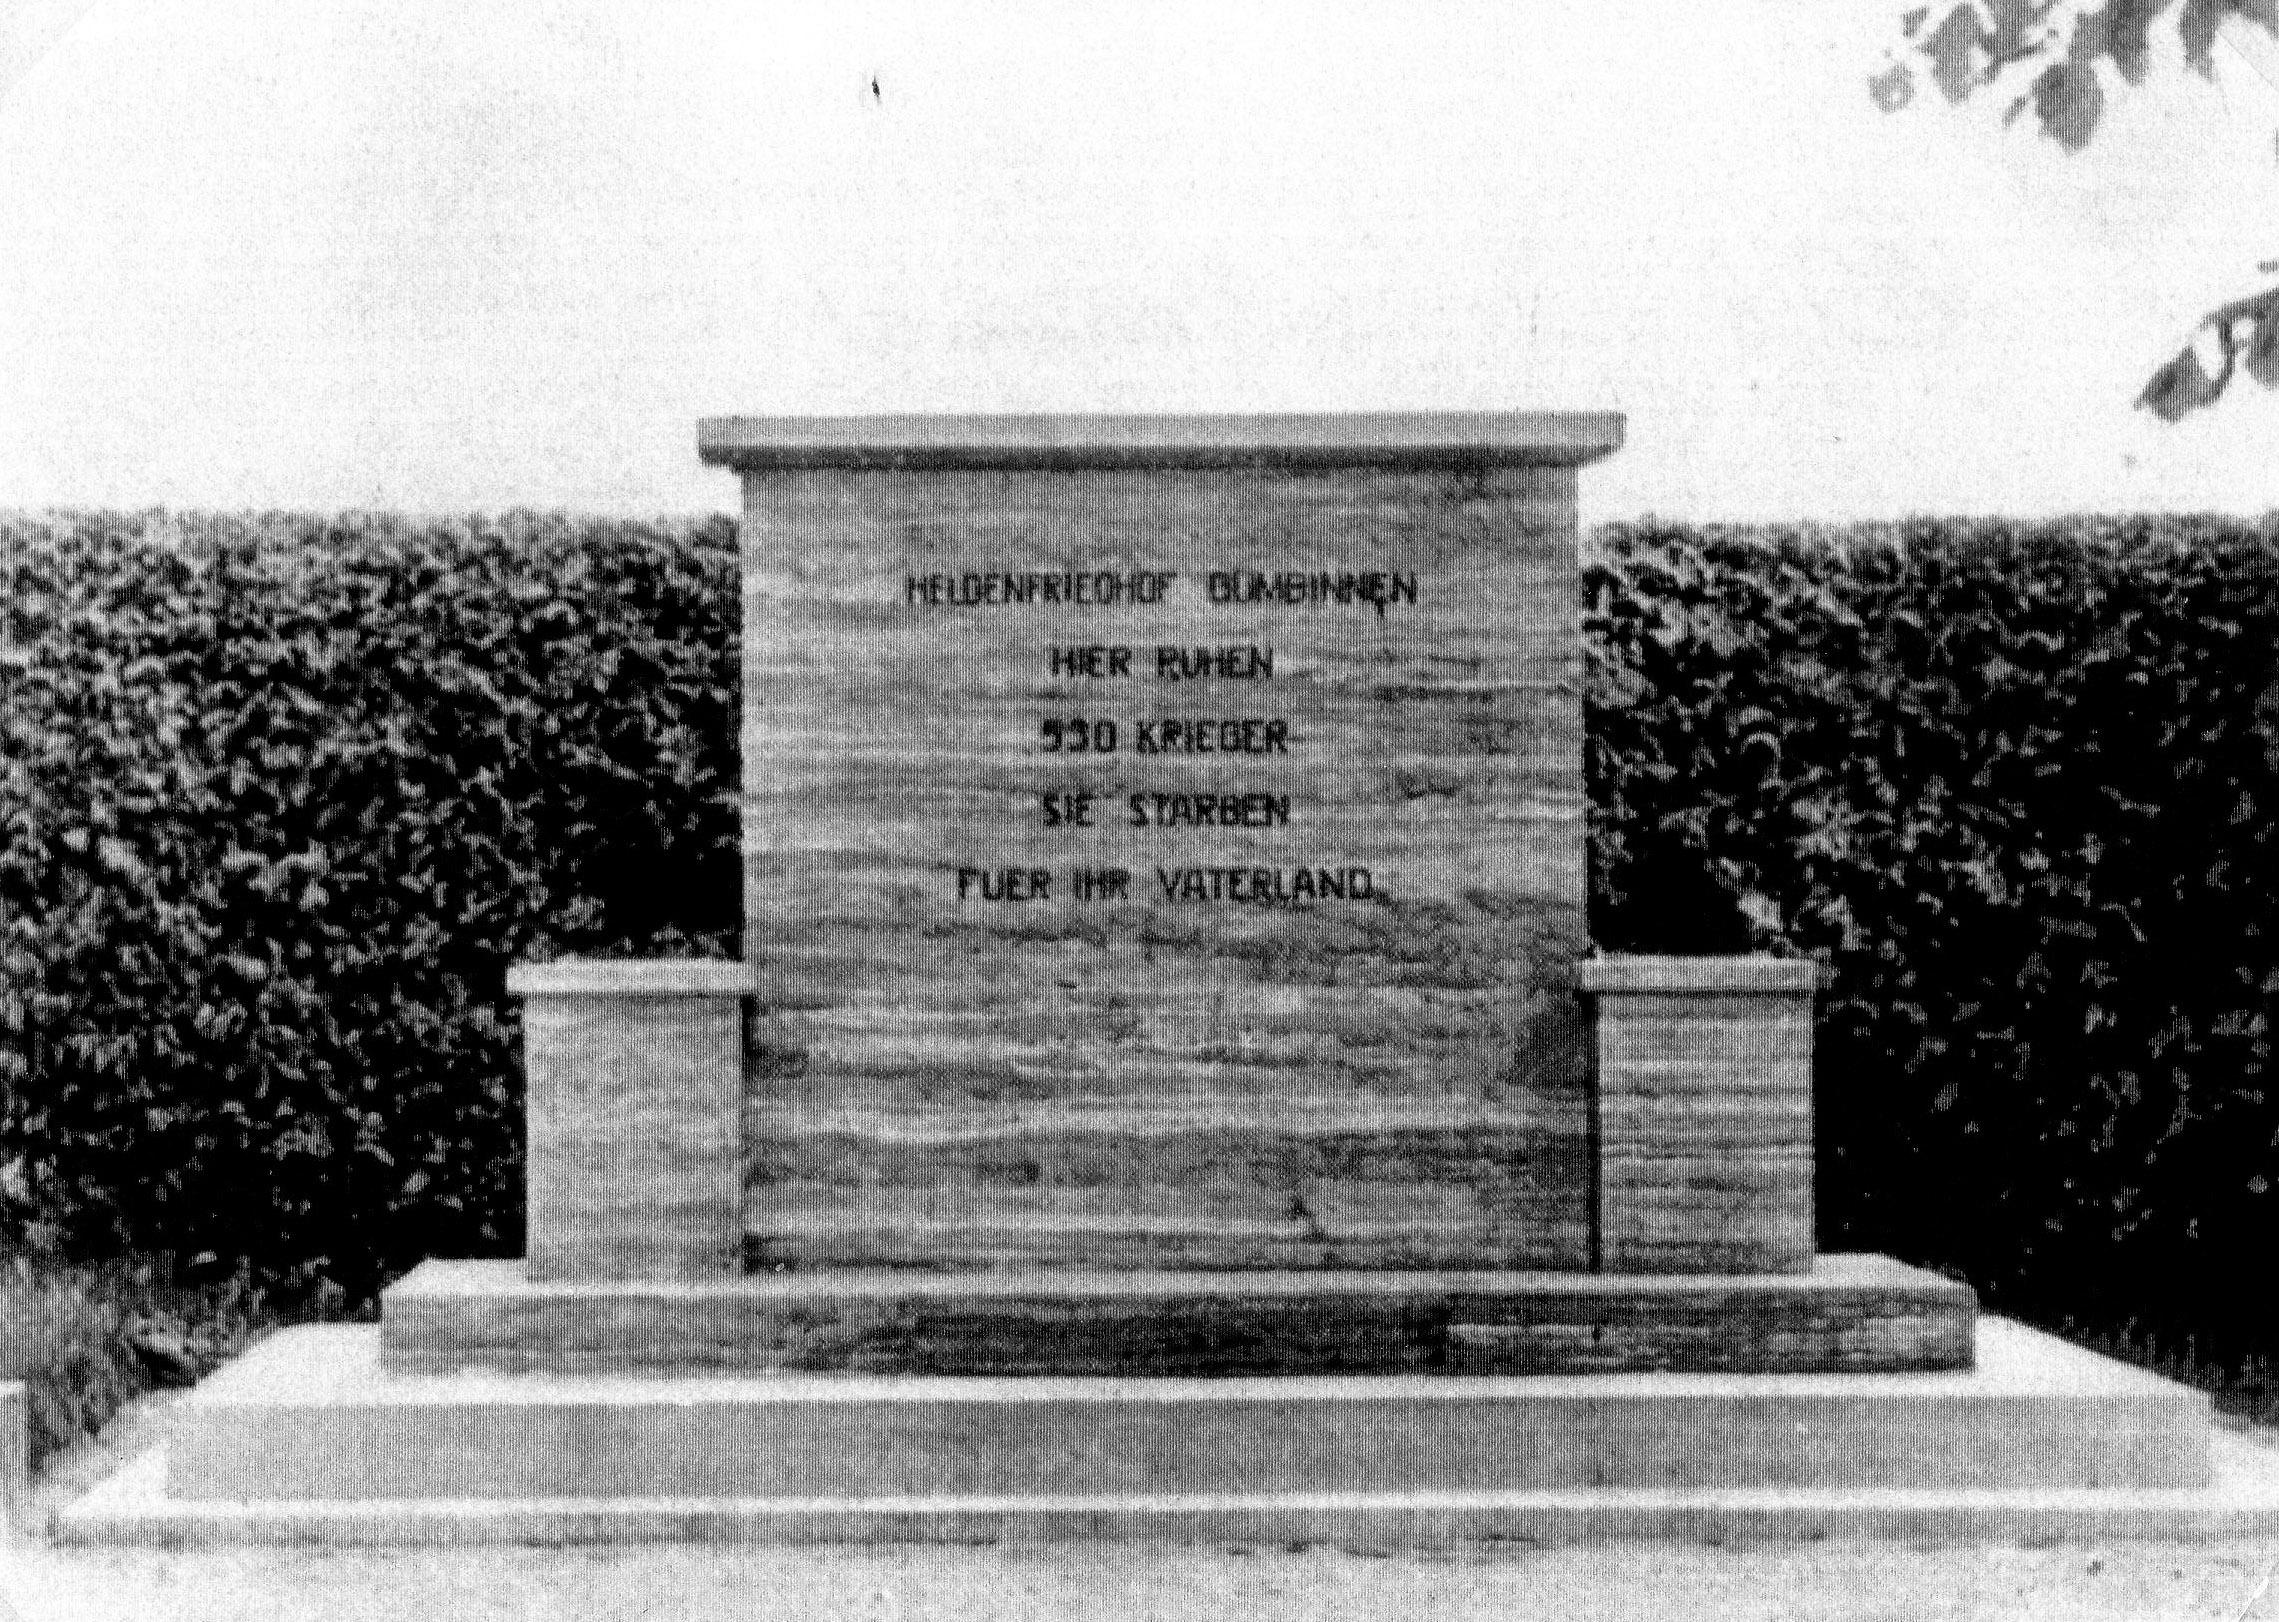 Heldenfriedhof Gumbinnen